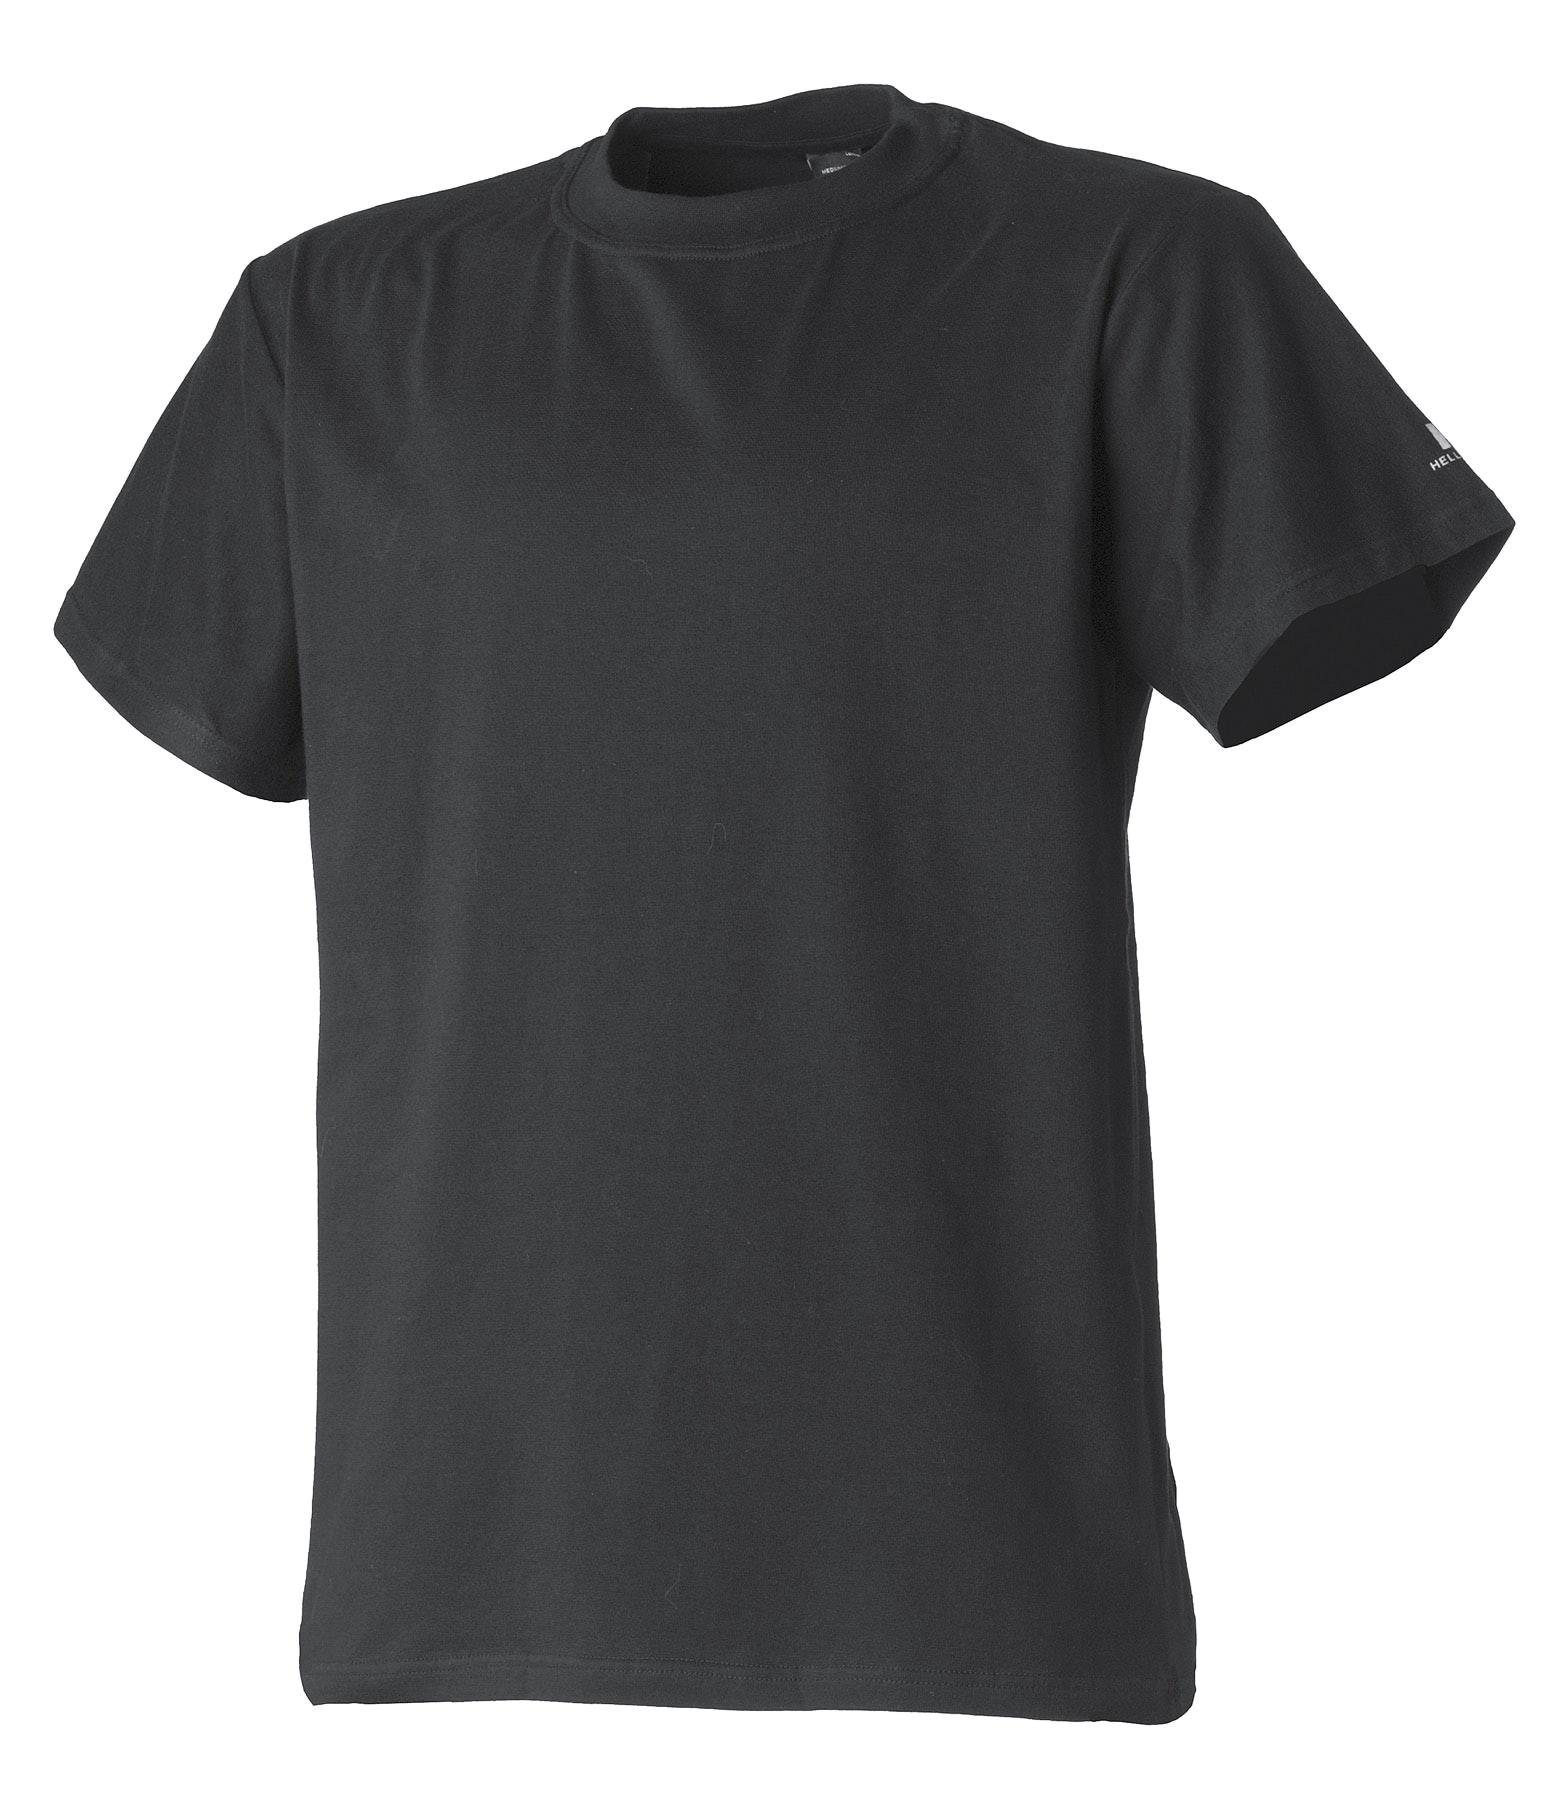 T-Shirt Helly Hansen Vit XXL Manchester